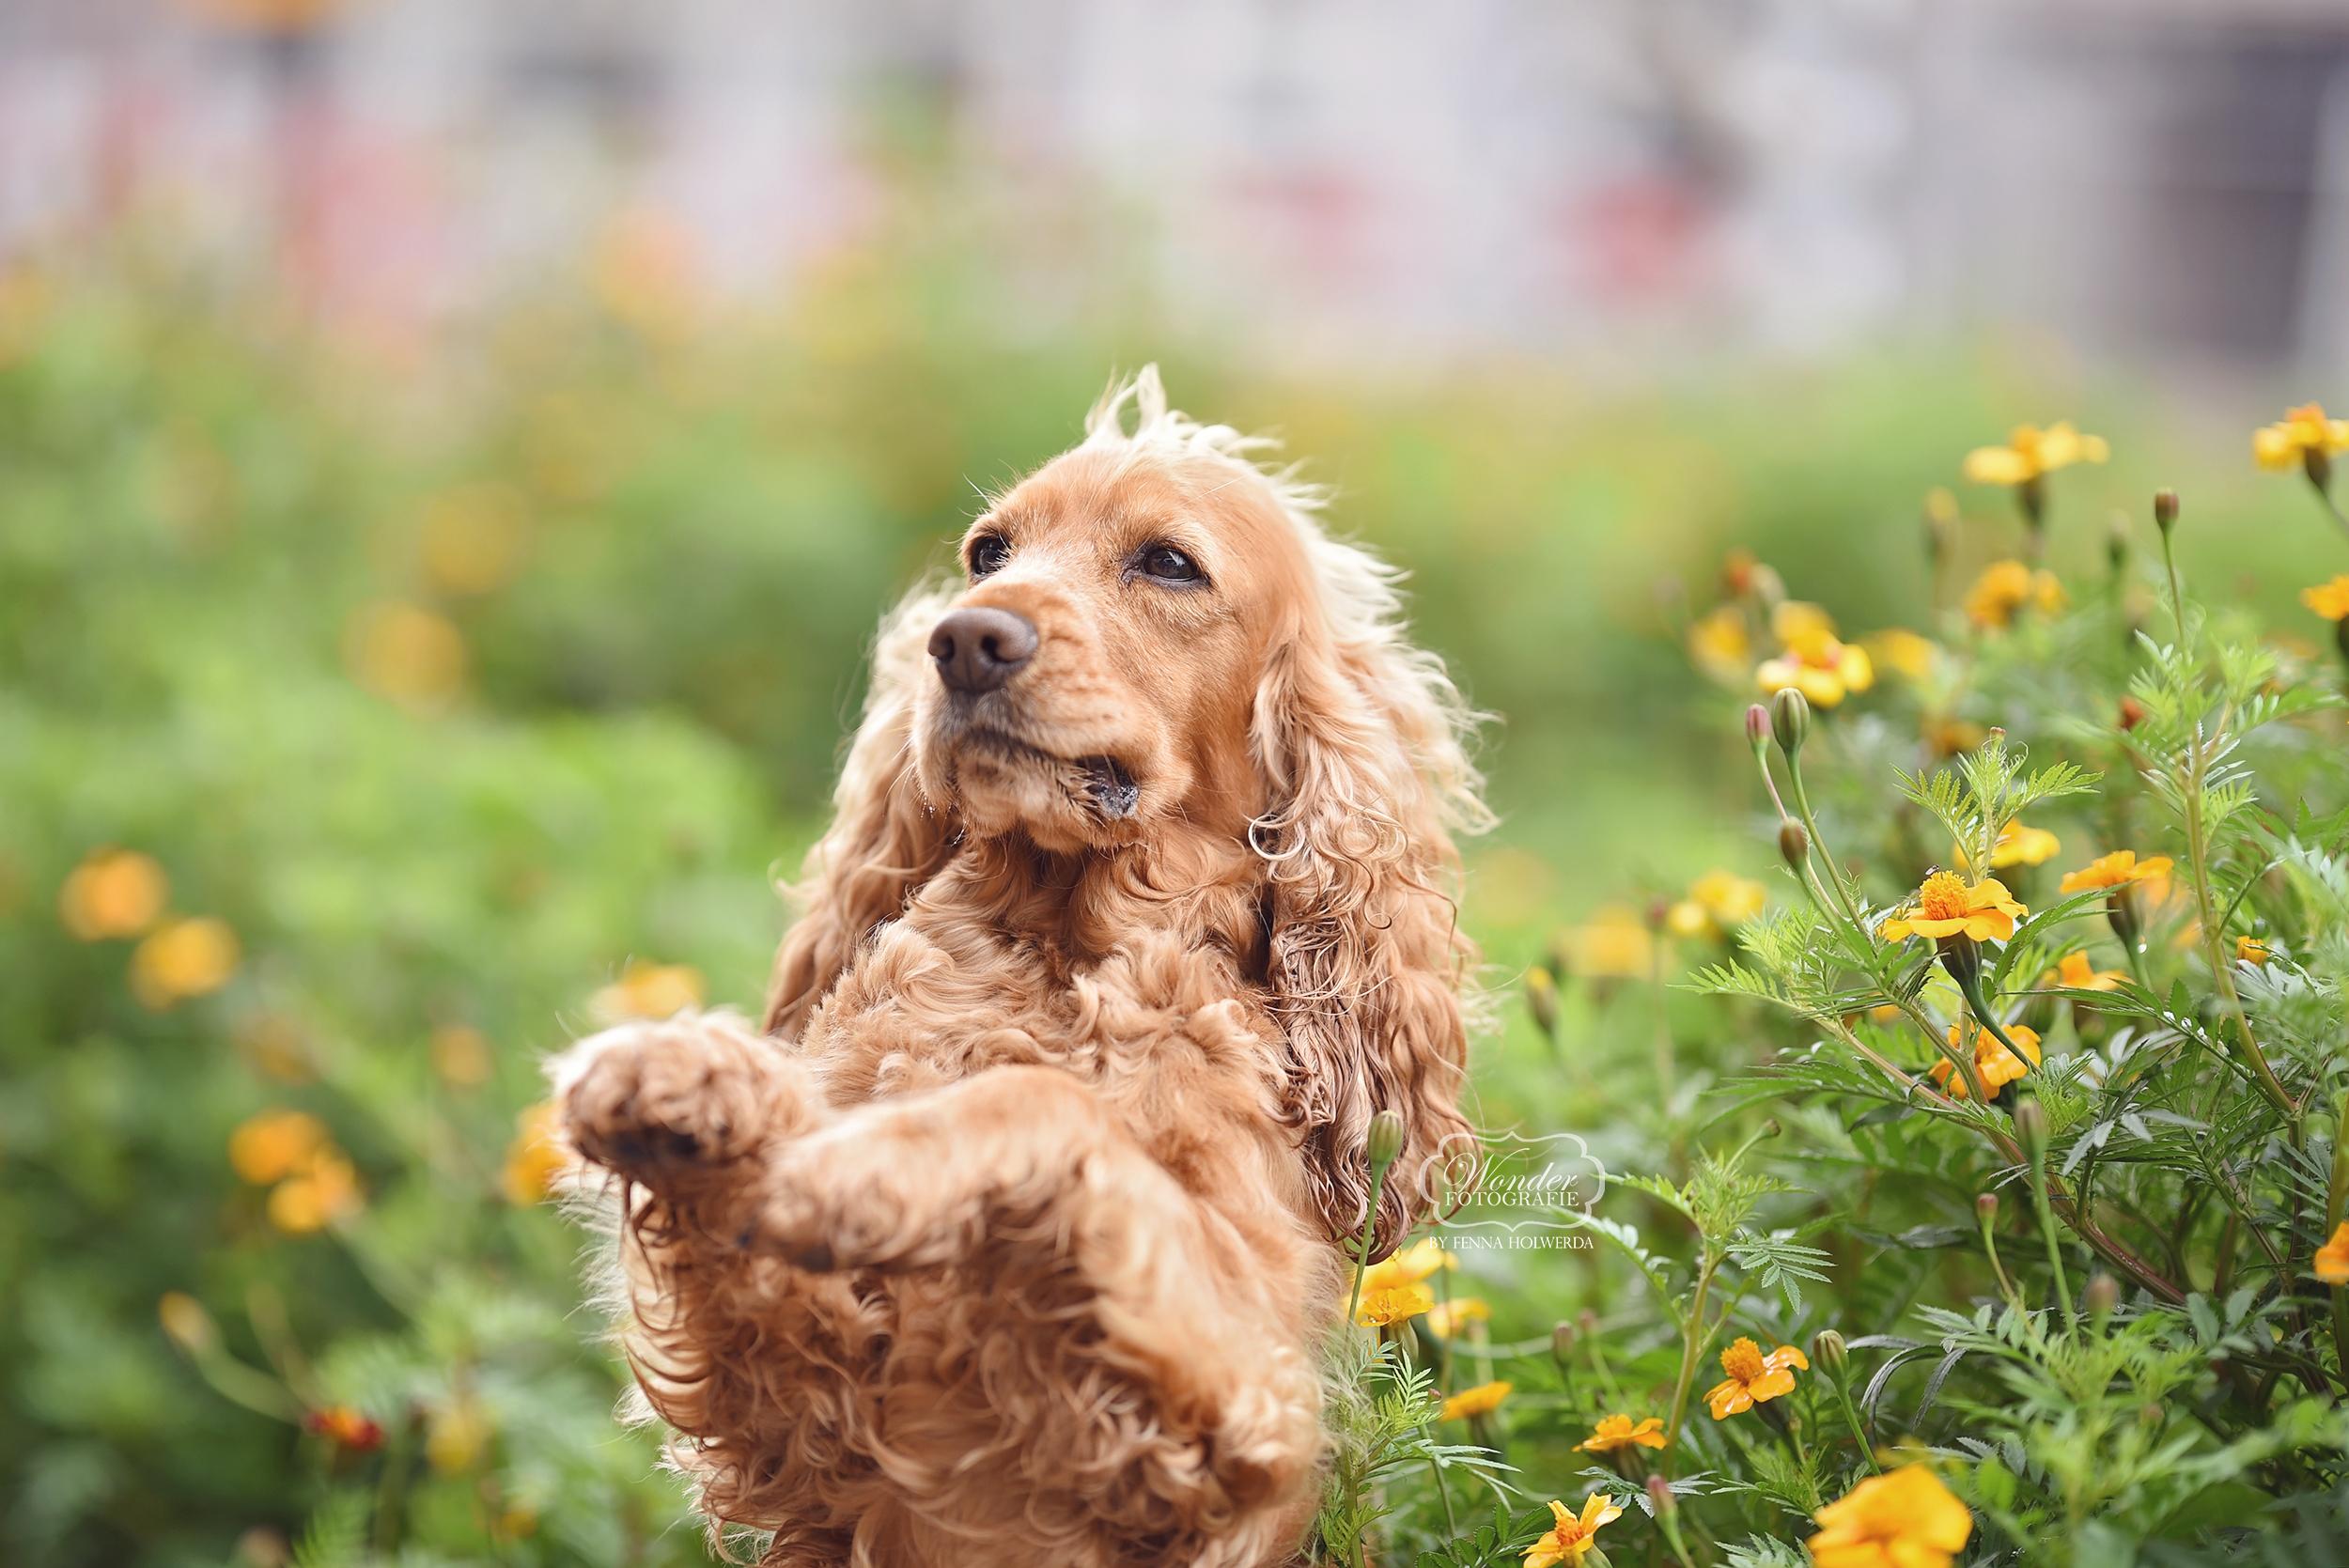 hondenfotograaf hondenfotoshoot hondenfotografie hond fotoshoot friesland overijssel flevoland